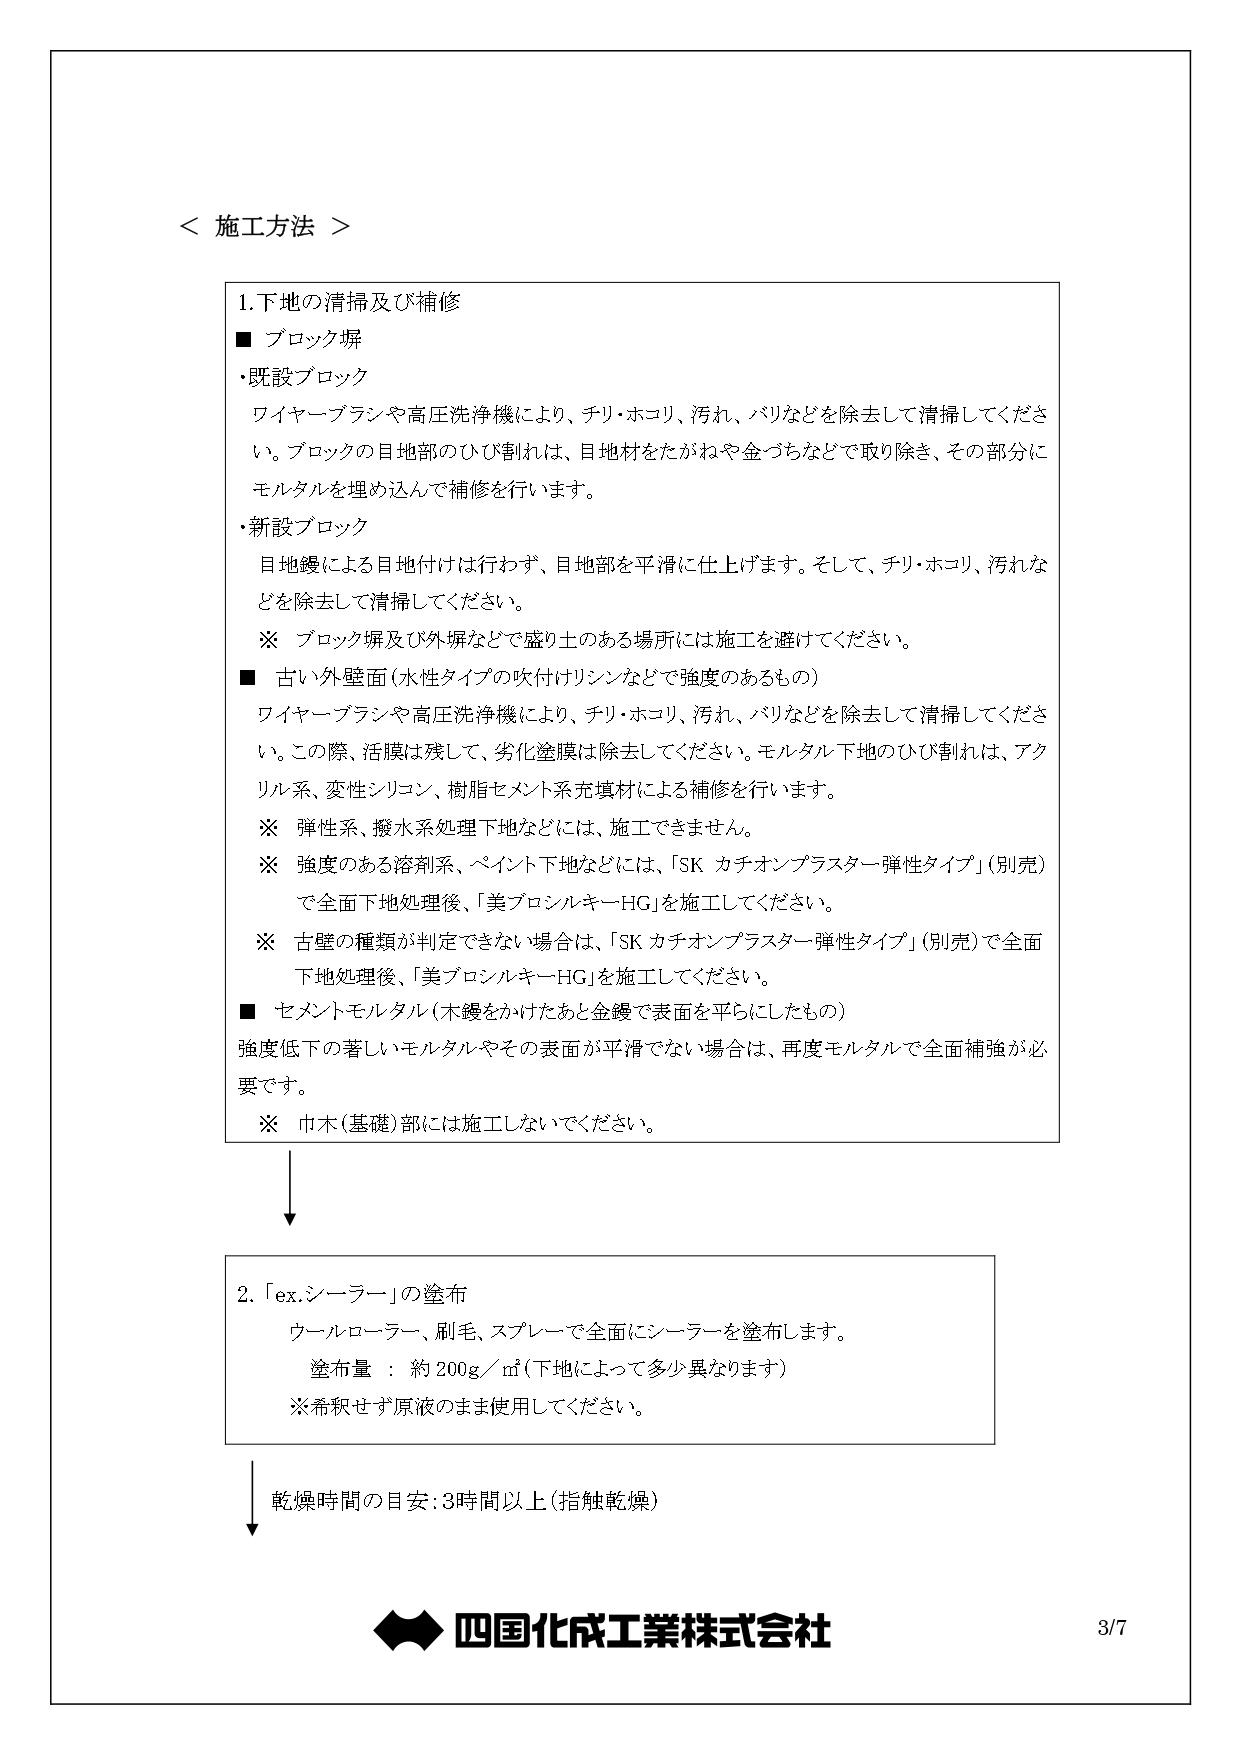 美ブロシルキーHG コテバケ仕上げ 施工説明書_page-0003